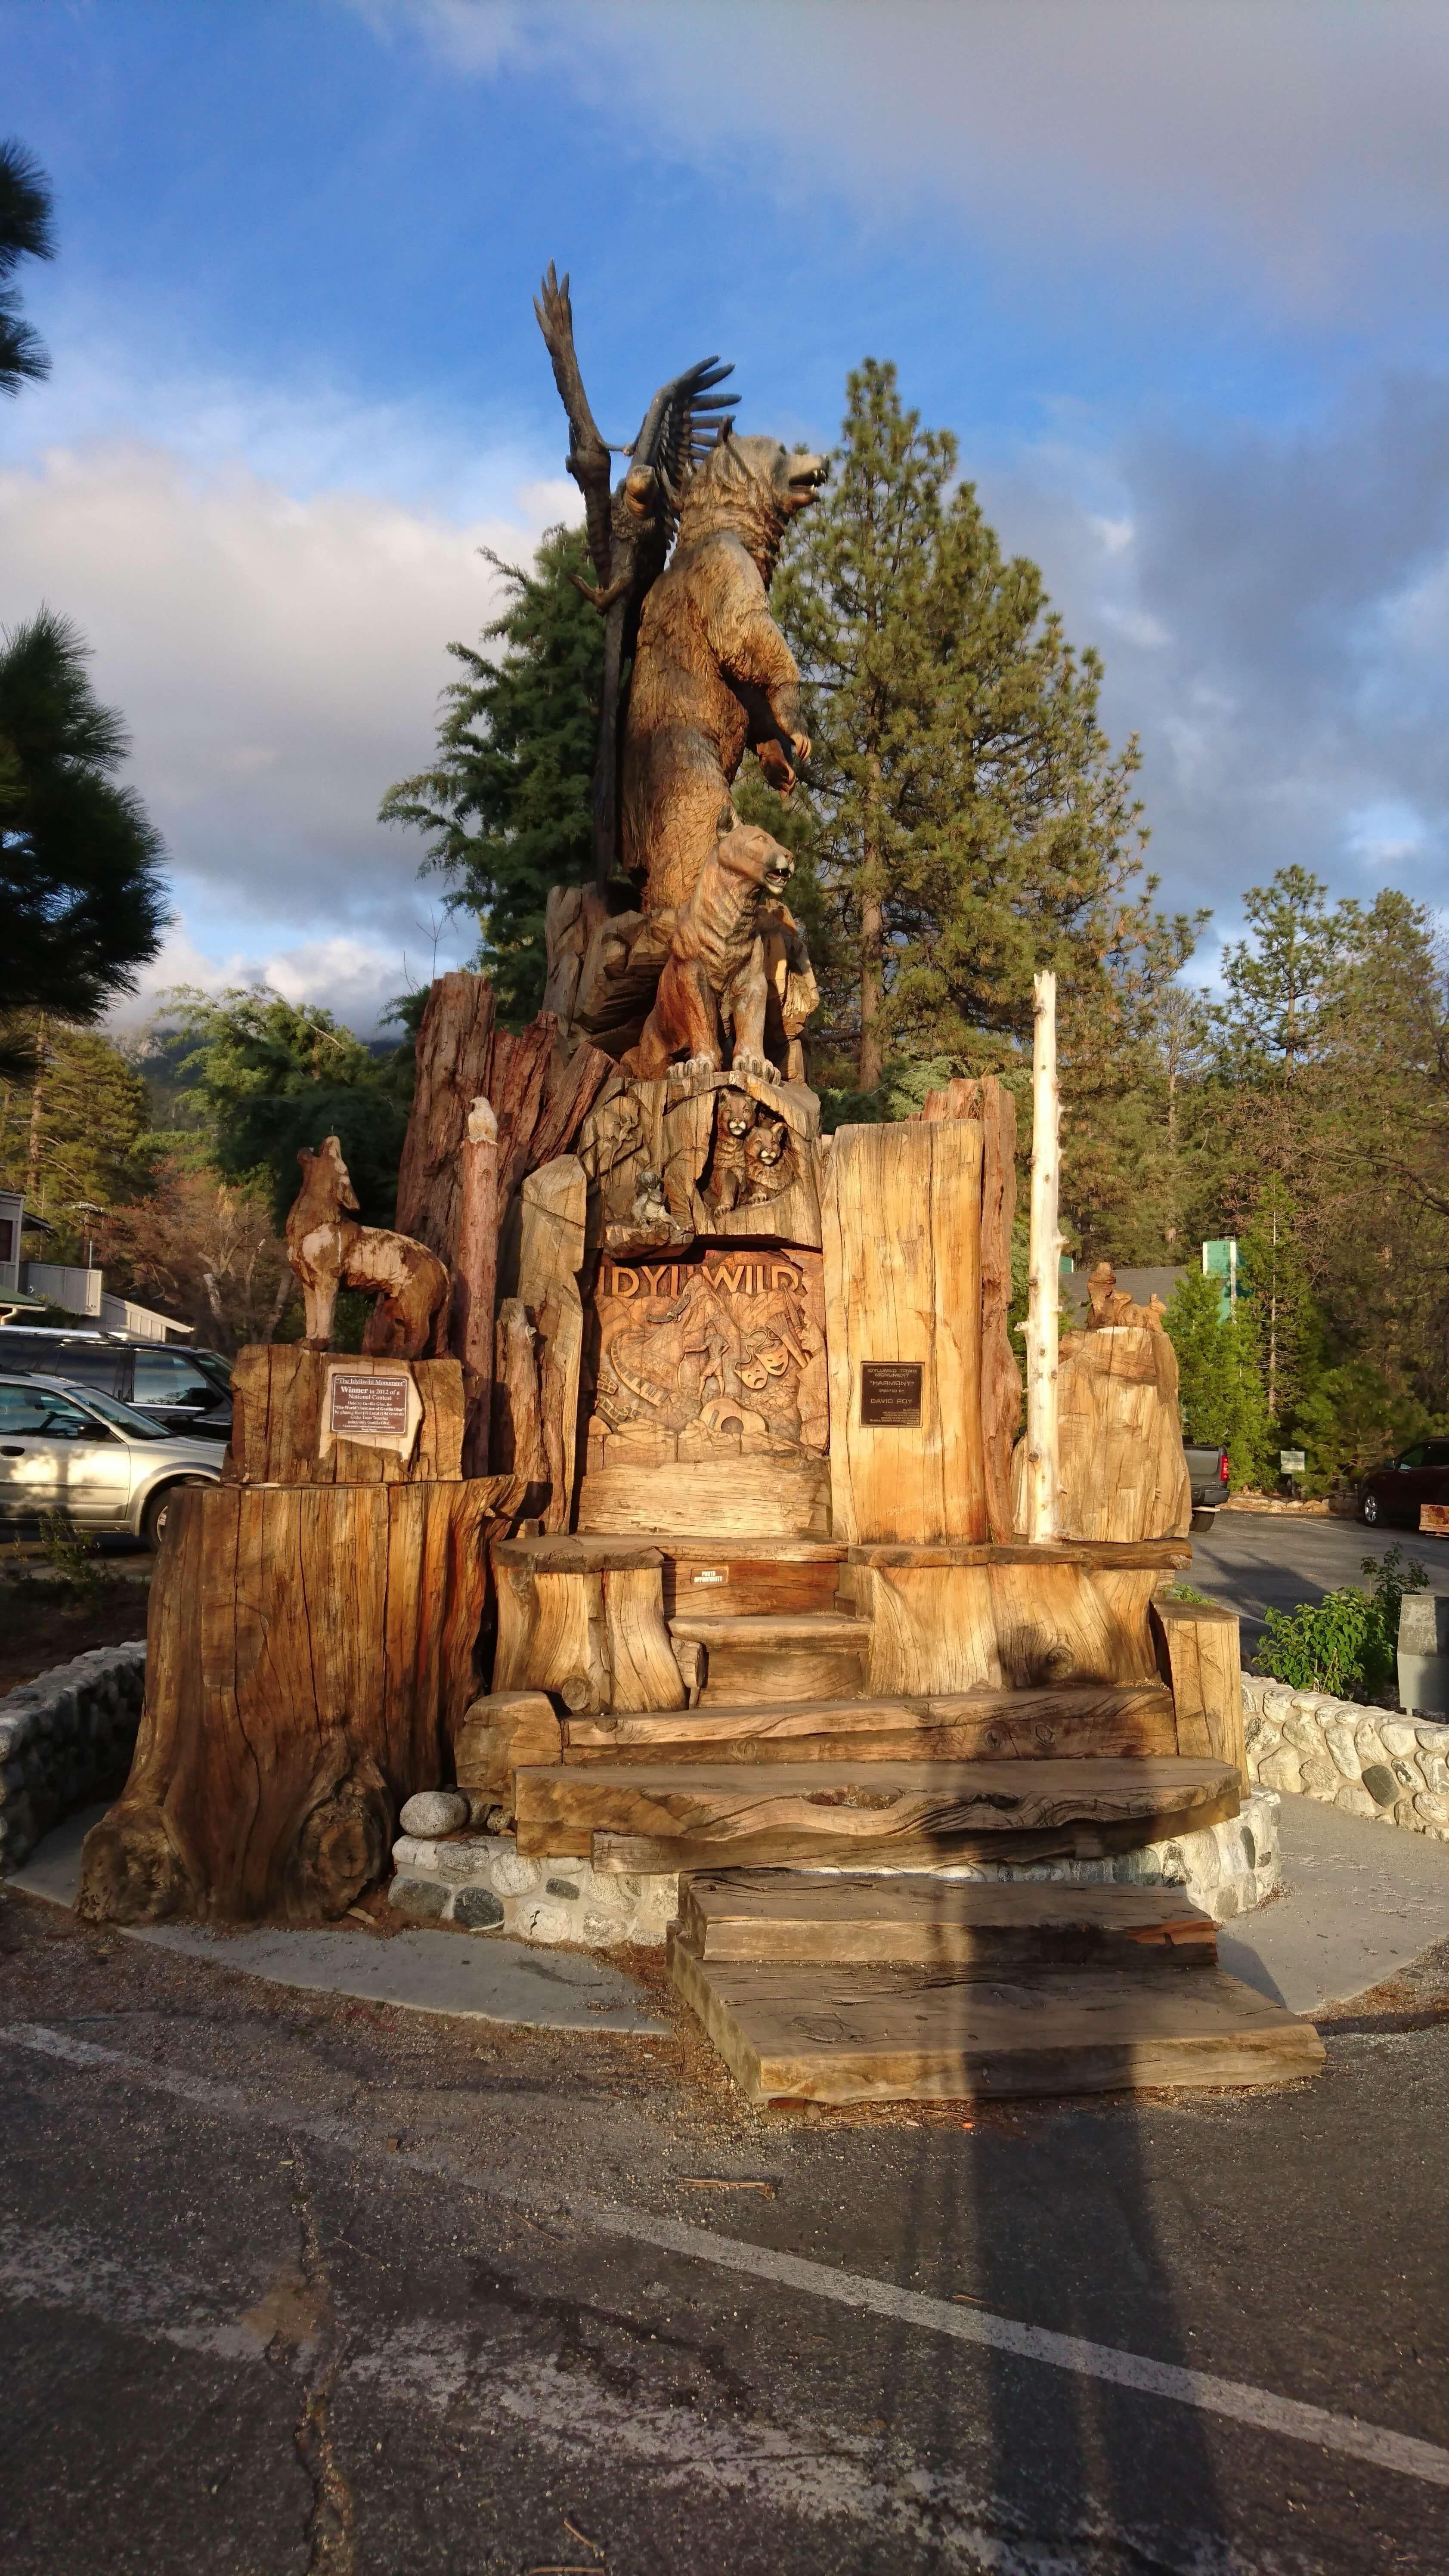 Le Totem étrange à l'entrée d'Idyllwild